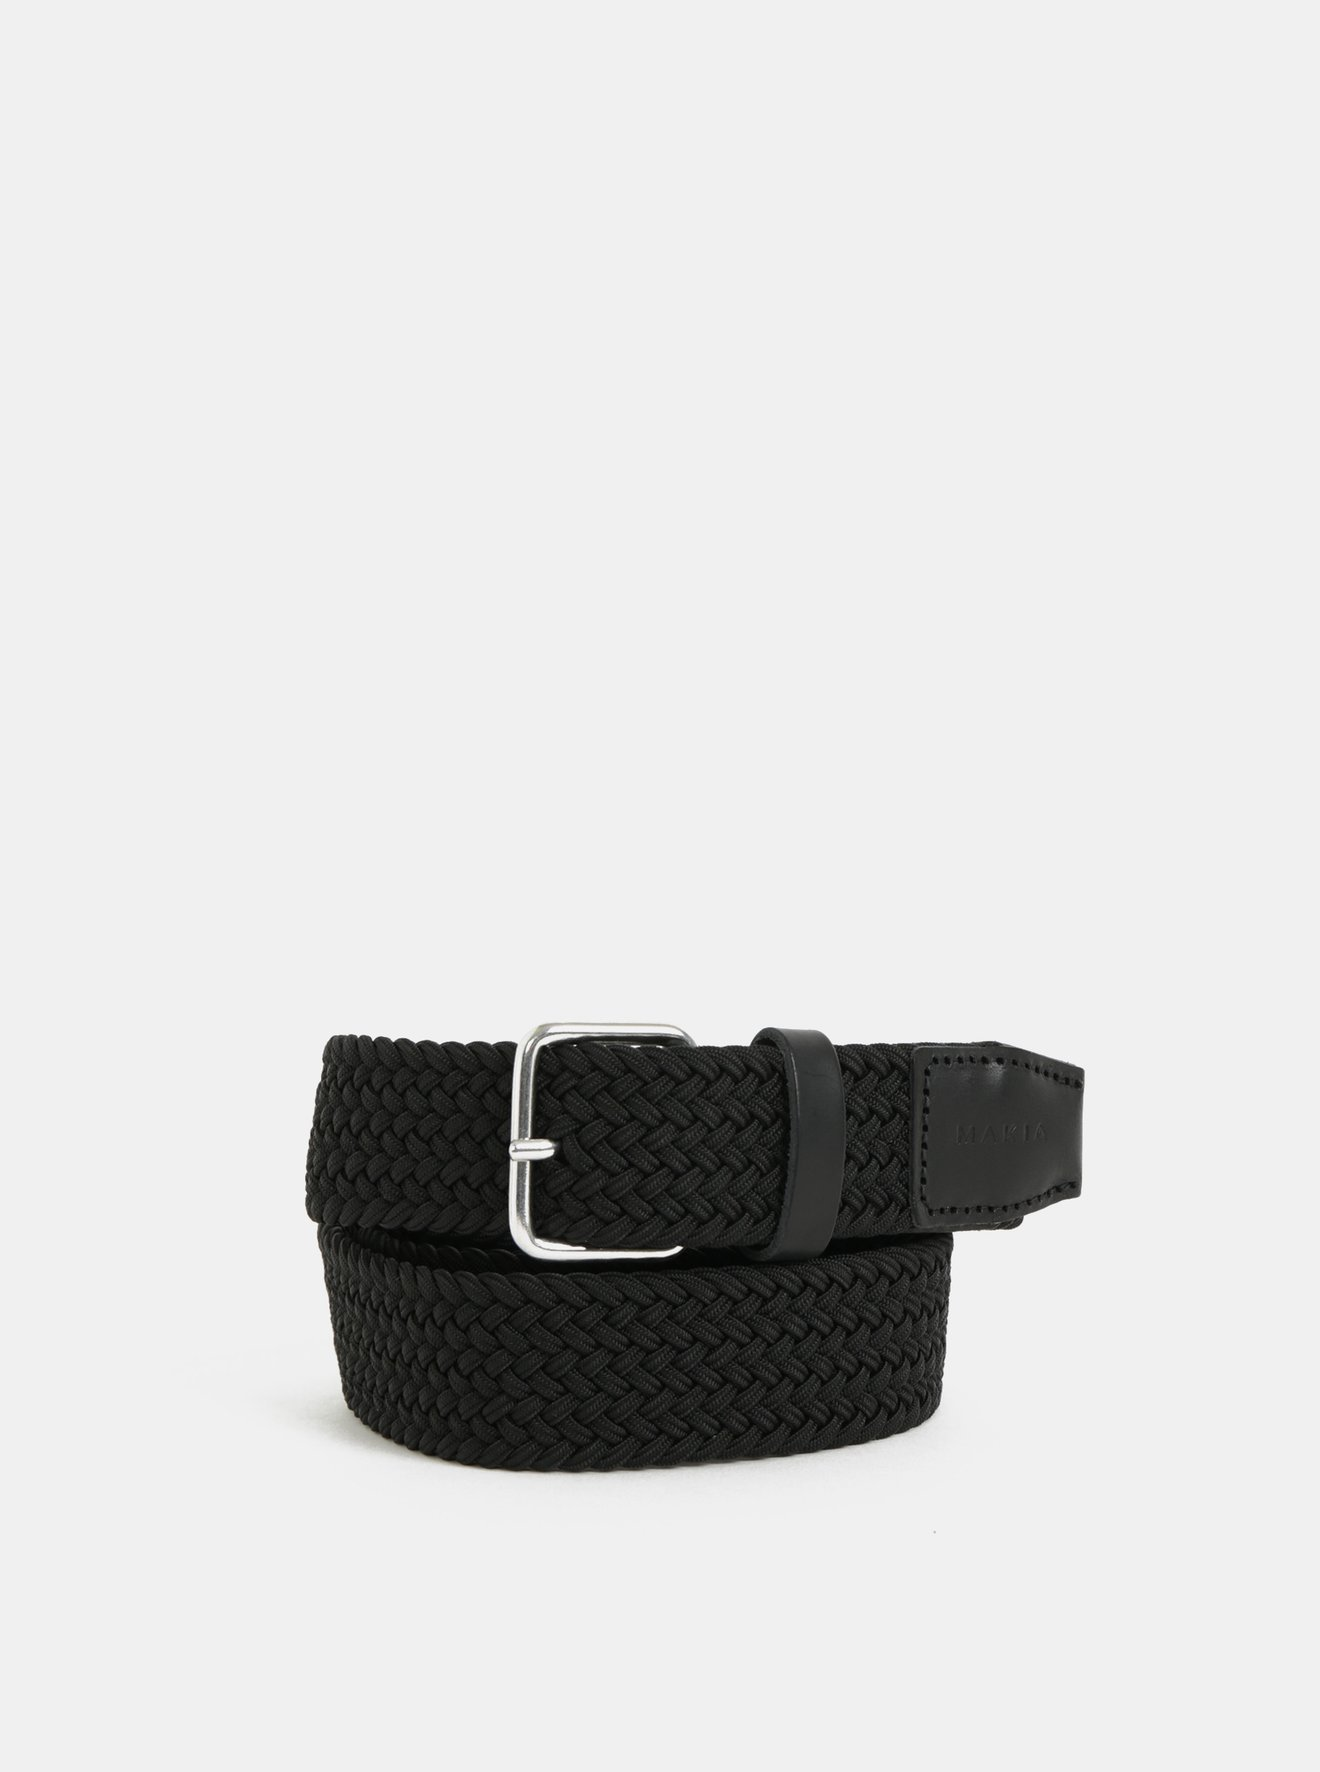 Černý pásek s koženými detaily Makia Span